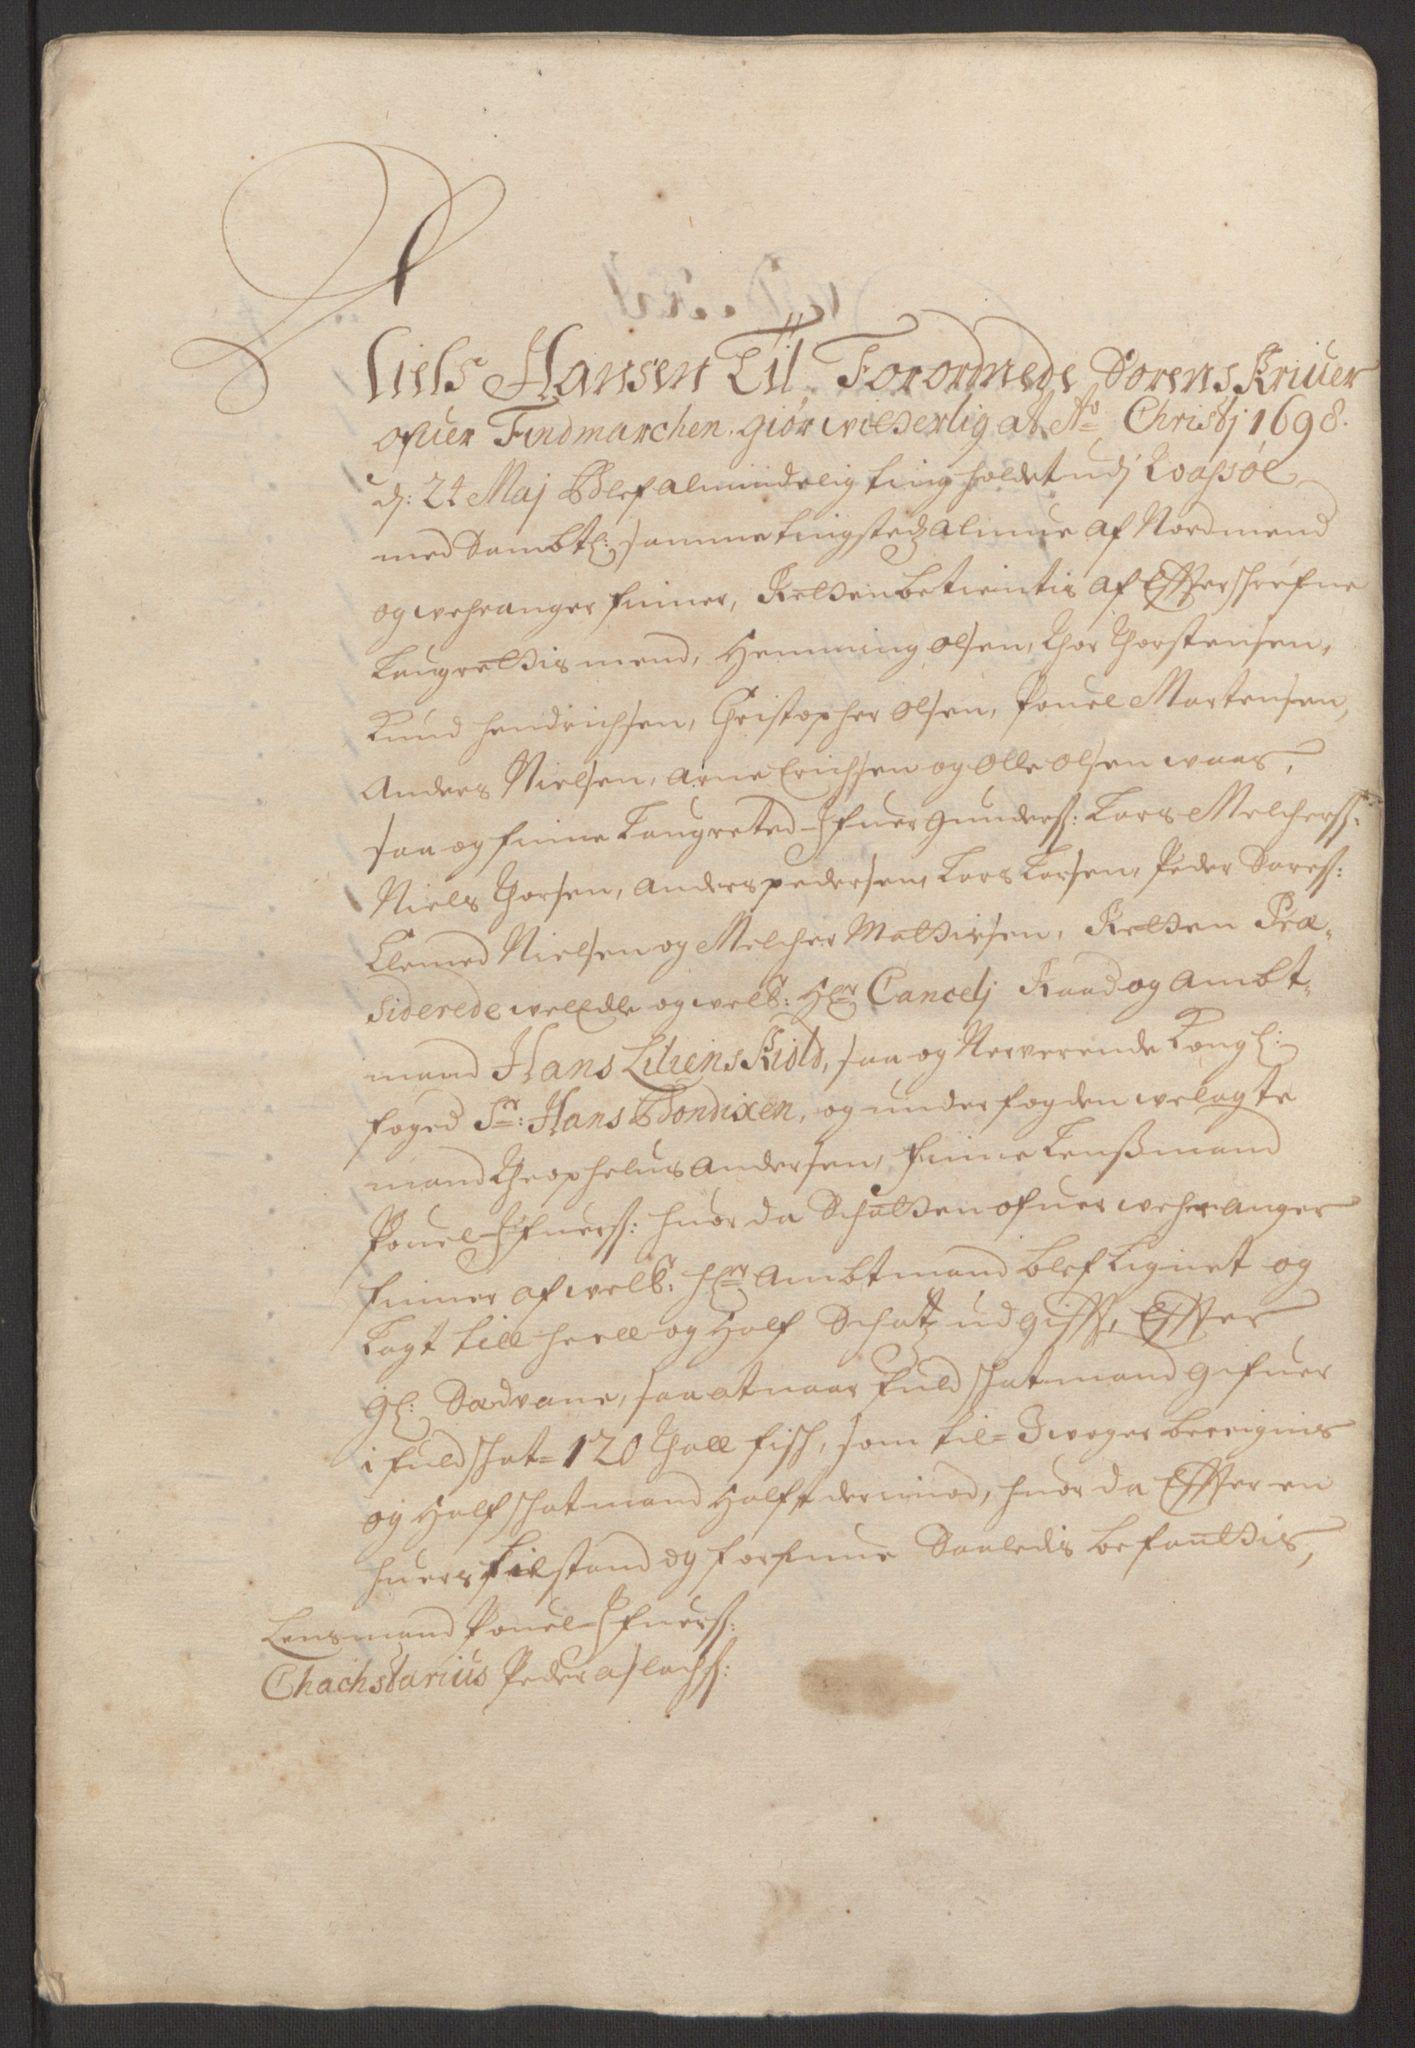 RA, Rentekammeret inntil 1814, Reviderte regnskaper, Fogderegnskap, R69/L4851: Fogderegnskap Finnmark/Vardøhus, 1691-1700, s. 356